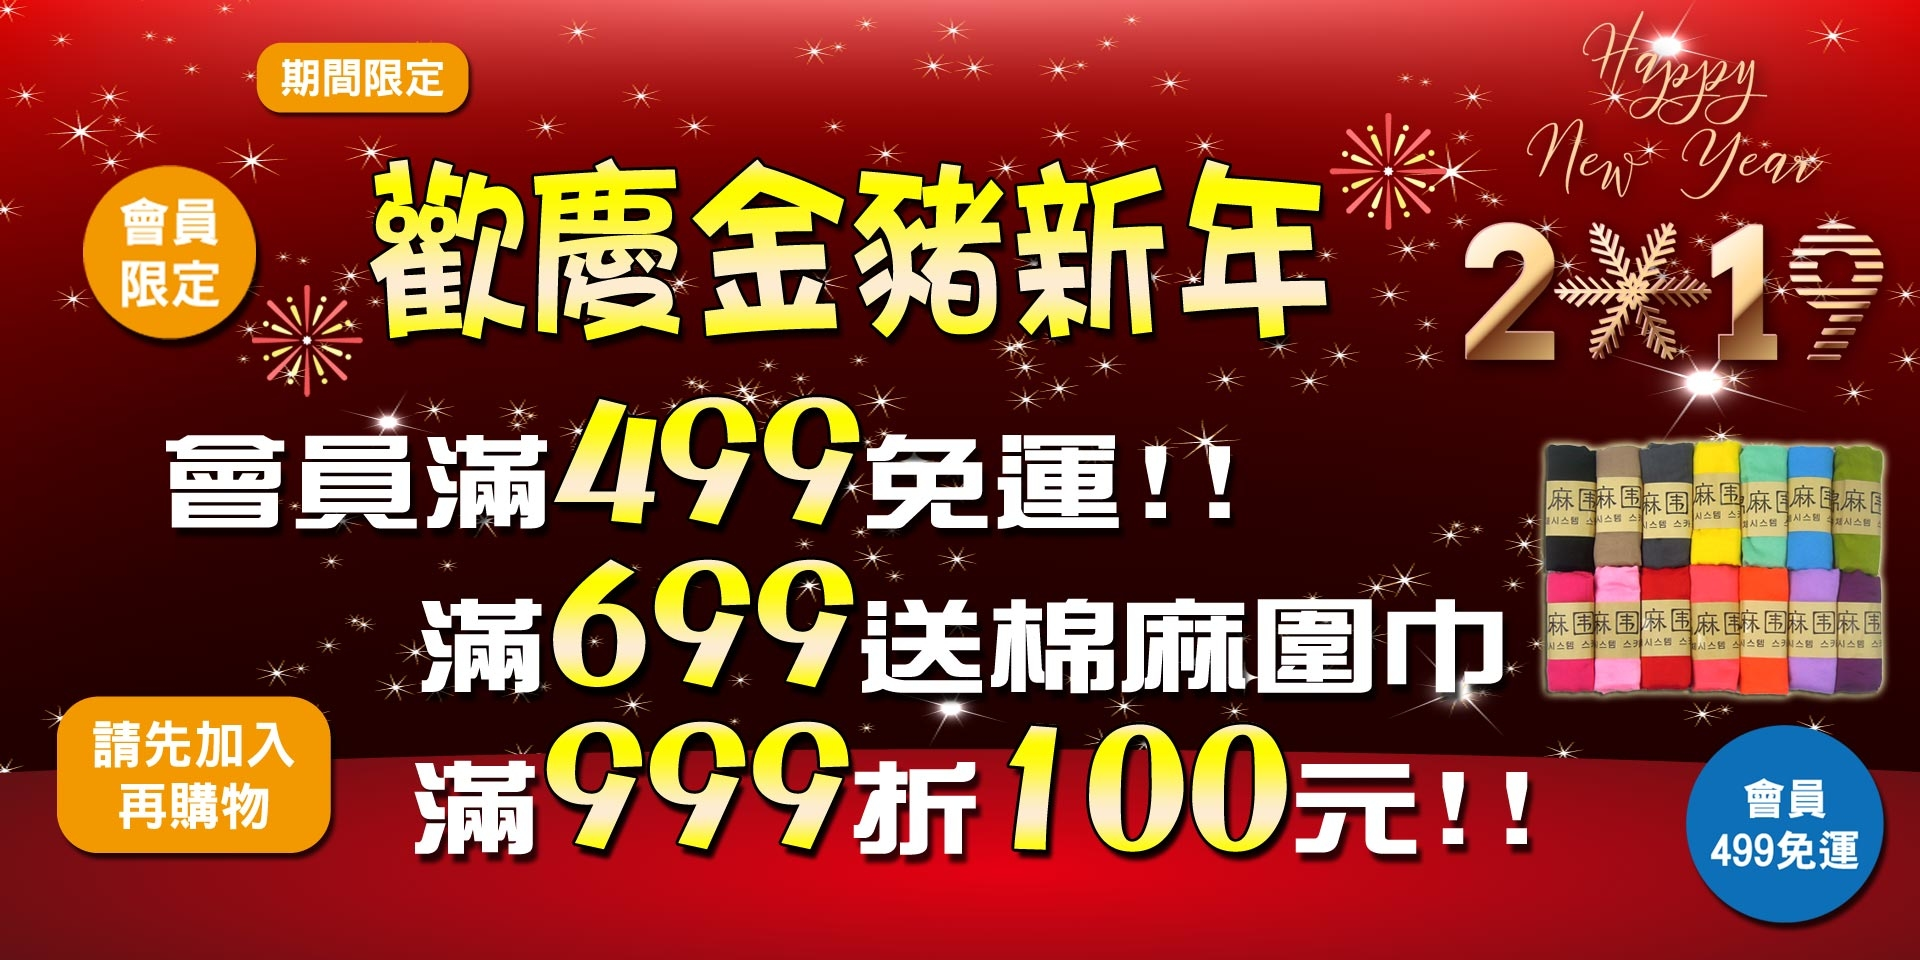 歡慶金豬新年~會員滿499免運、滿699送棉麻圍巾、滿999現折100元!!